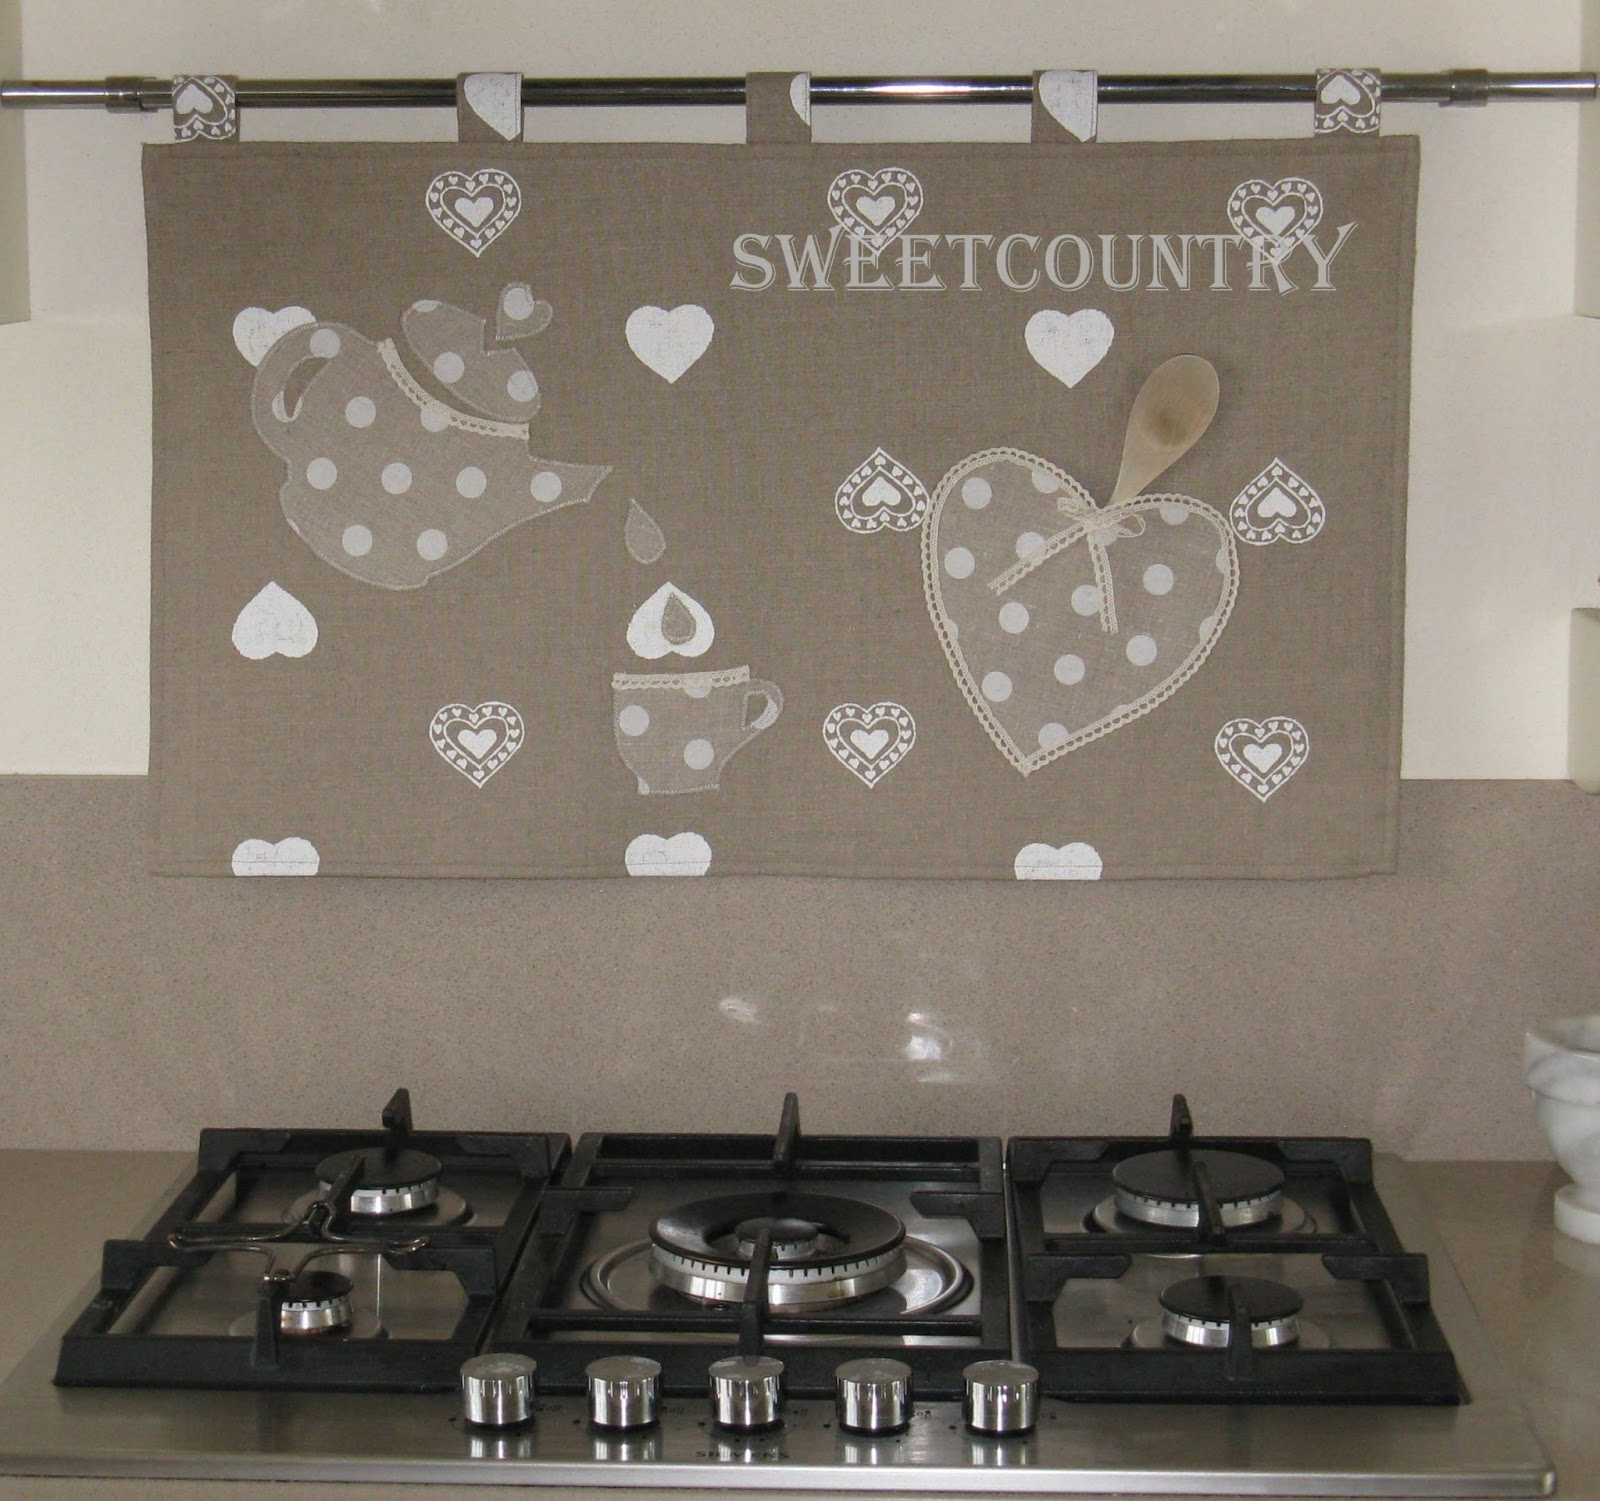 Sweetcountry un pannello in cucina for Pannello decorativo cucina